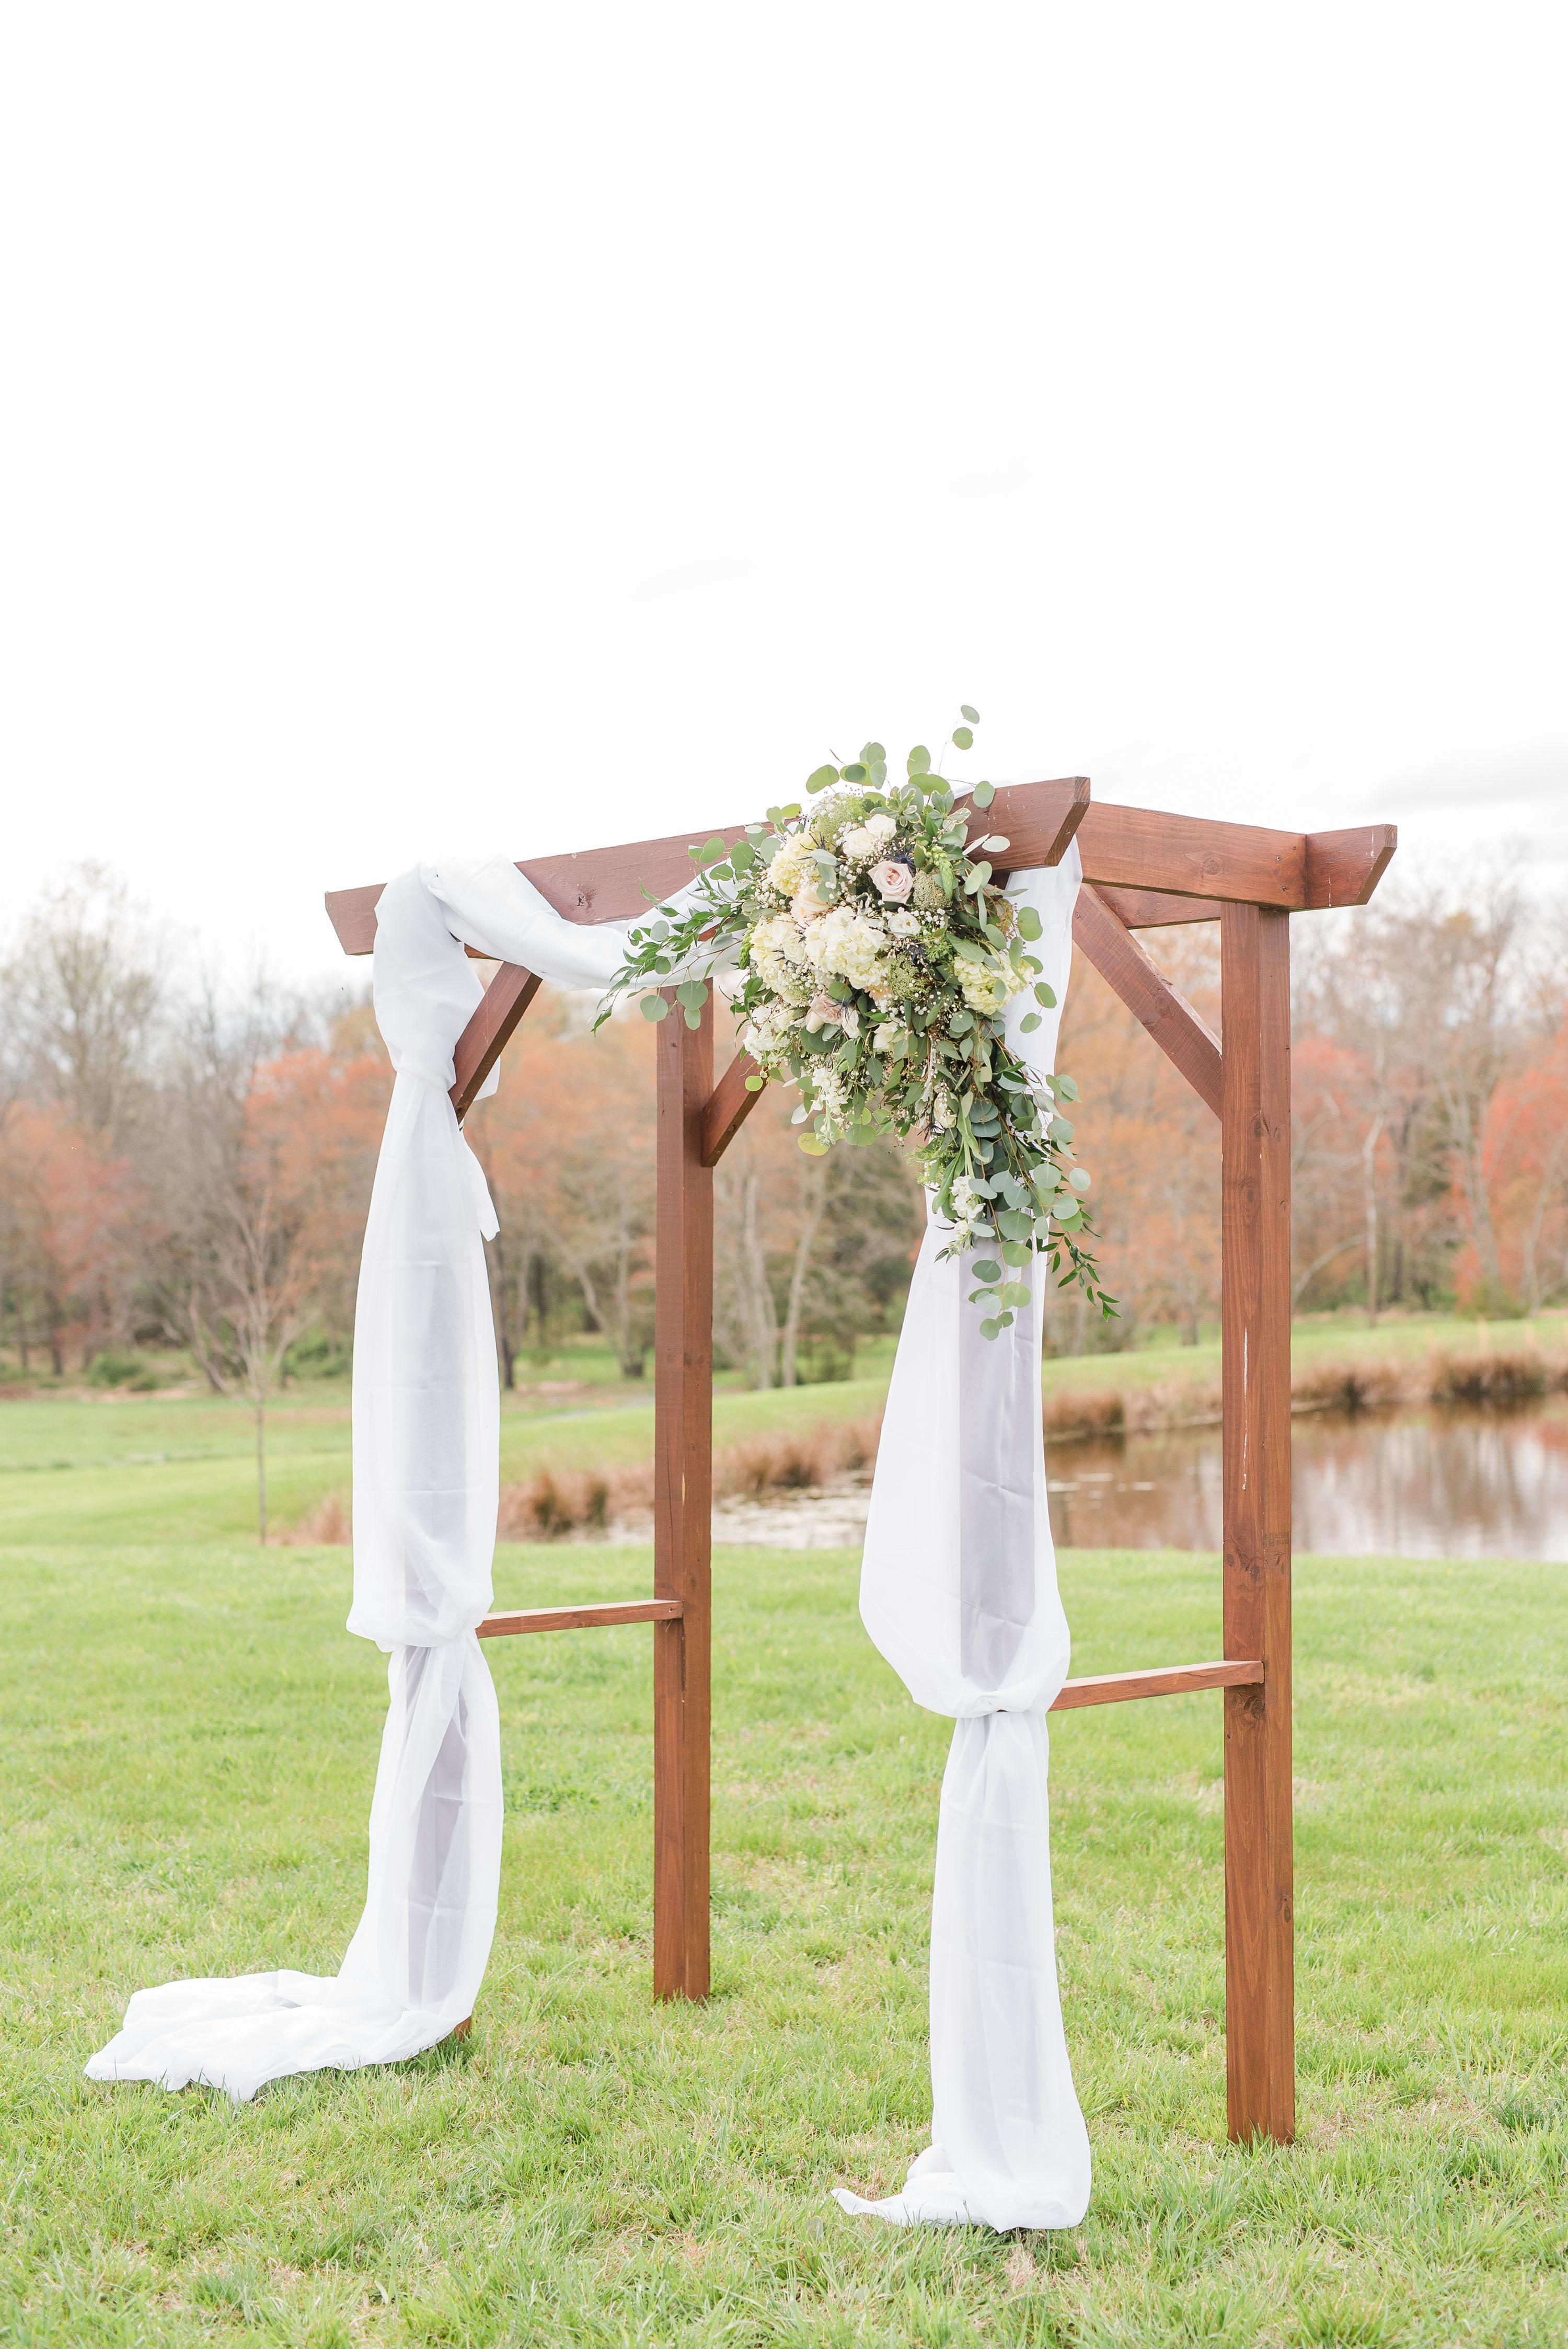 Outdoor Spring Wedding,Spring,ceremony arbor,arbor,wedding ceremony